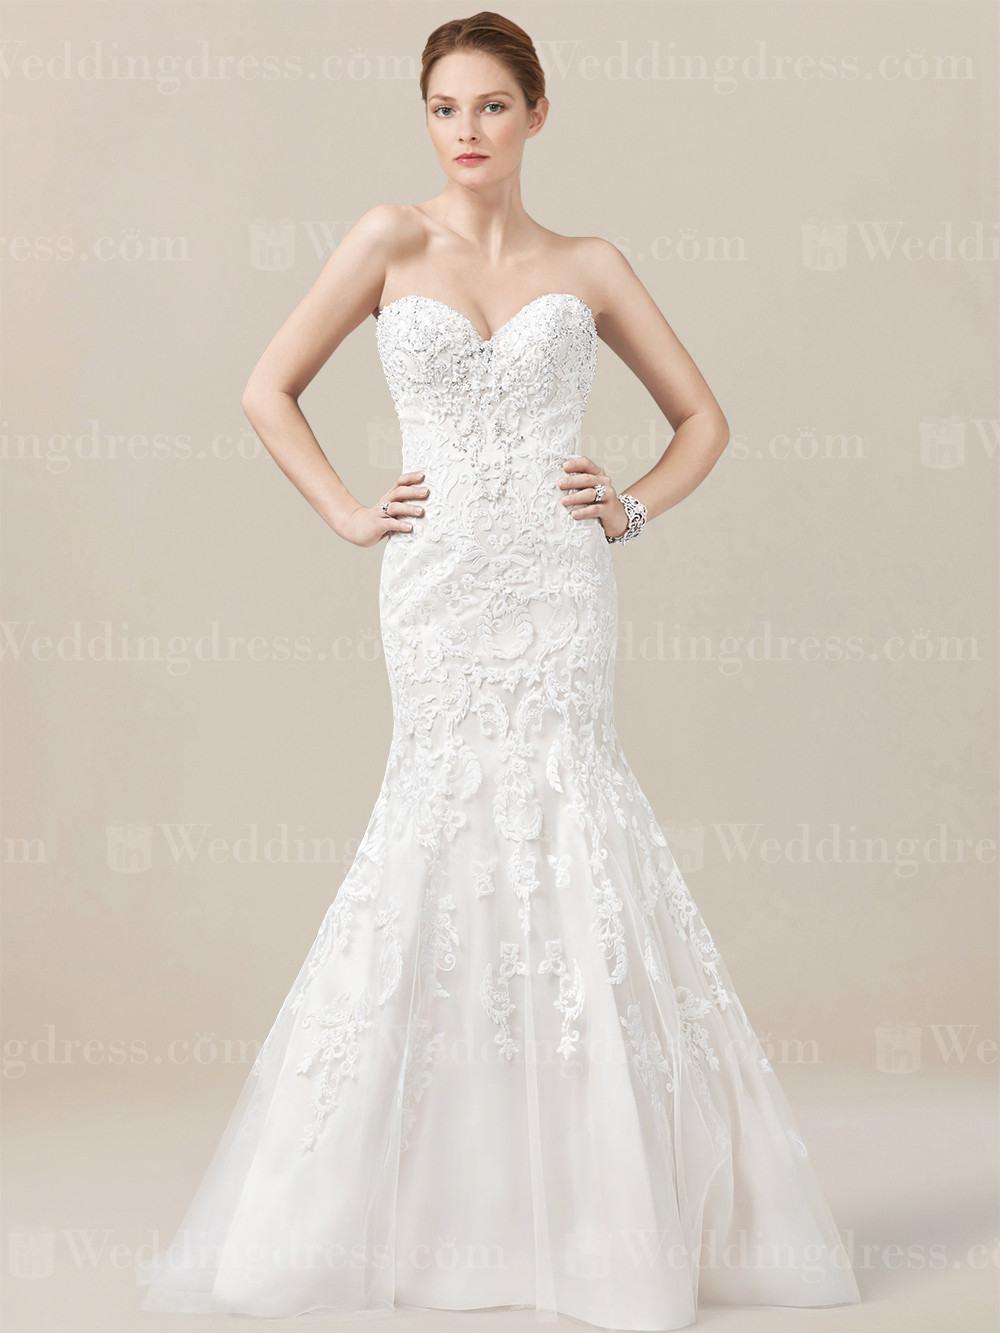 Meerjungfrau Trägerlos Hochzeitskleid Sp192